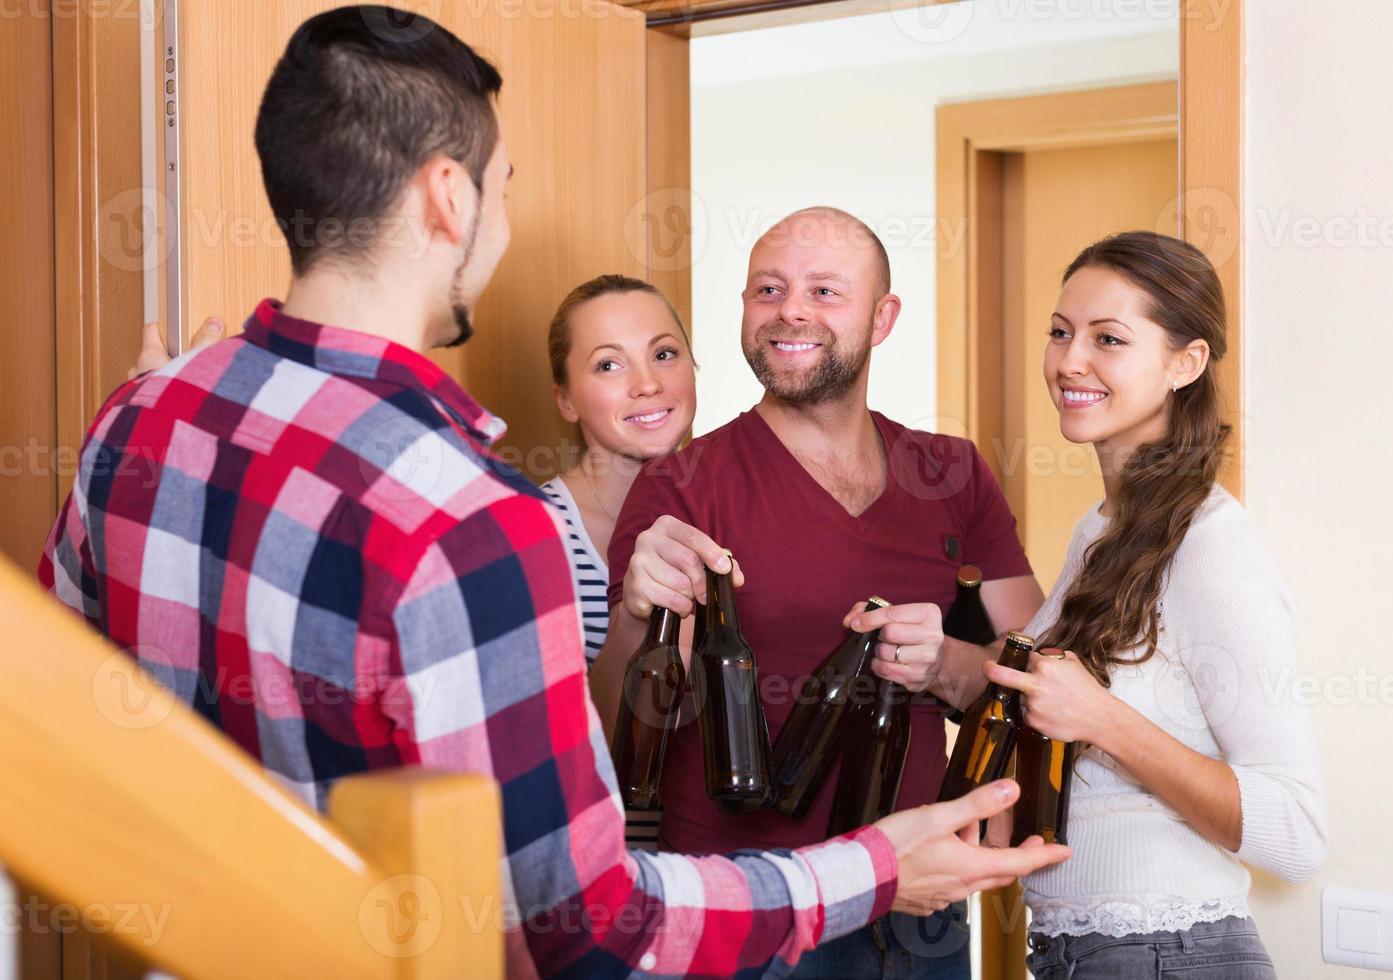 amis se réunissent à la fête photo